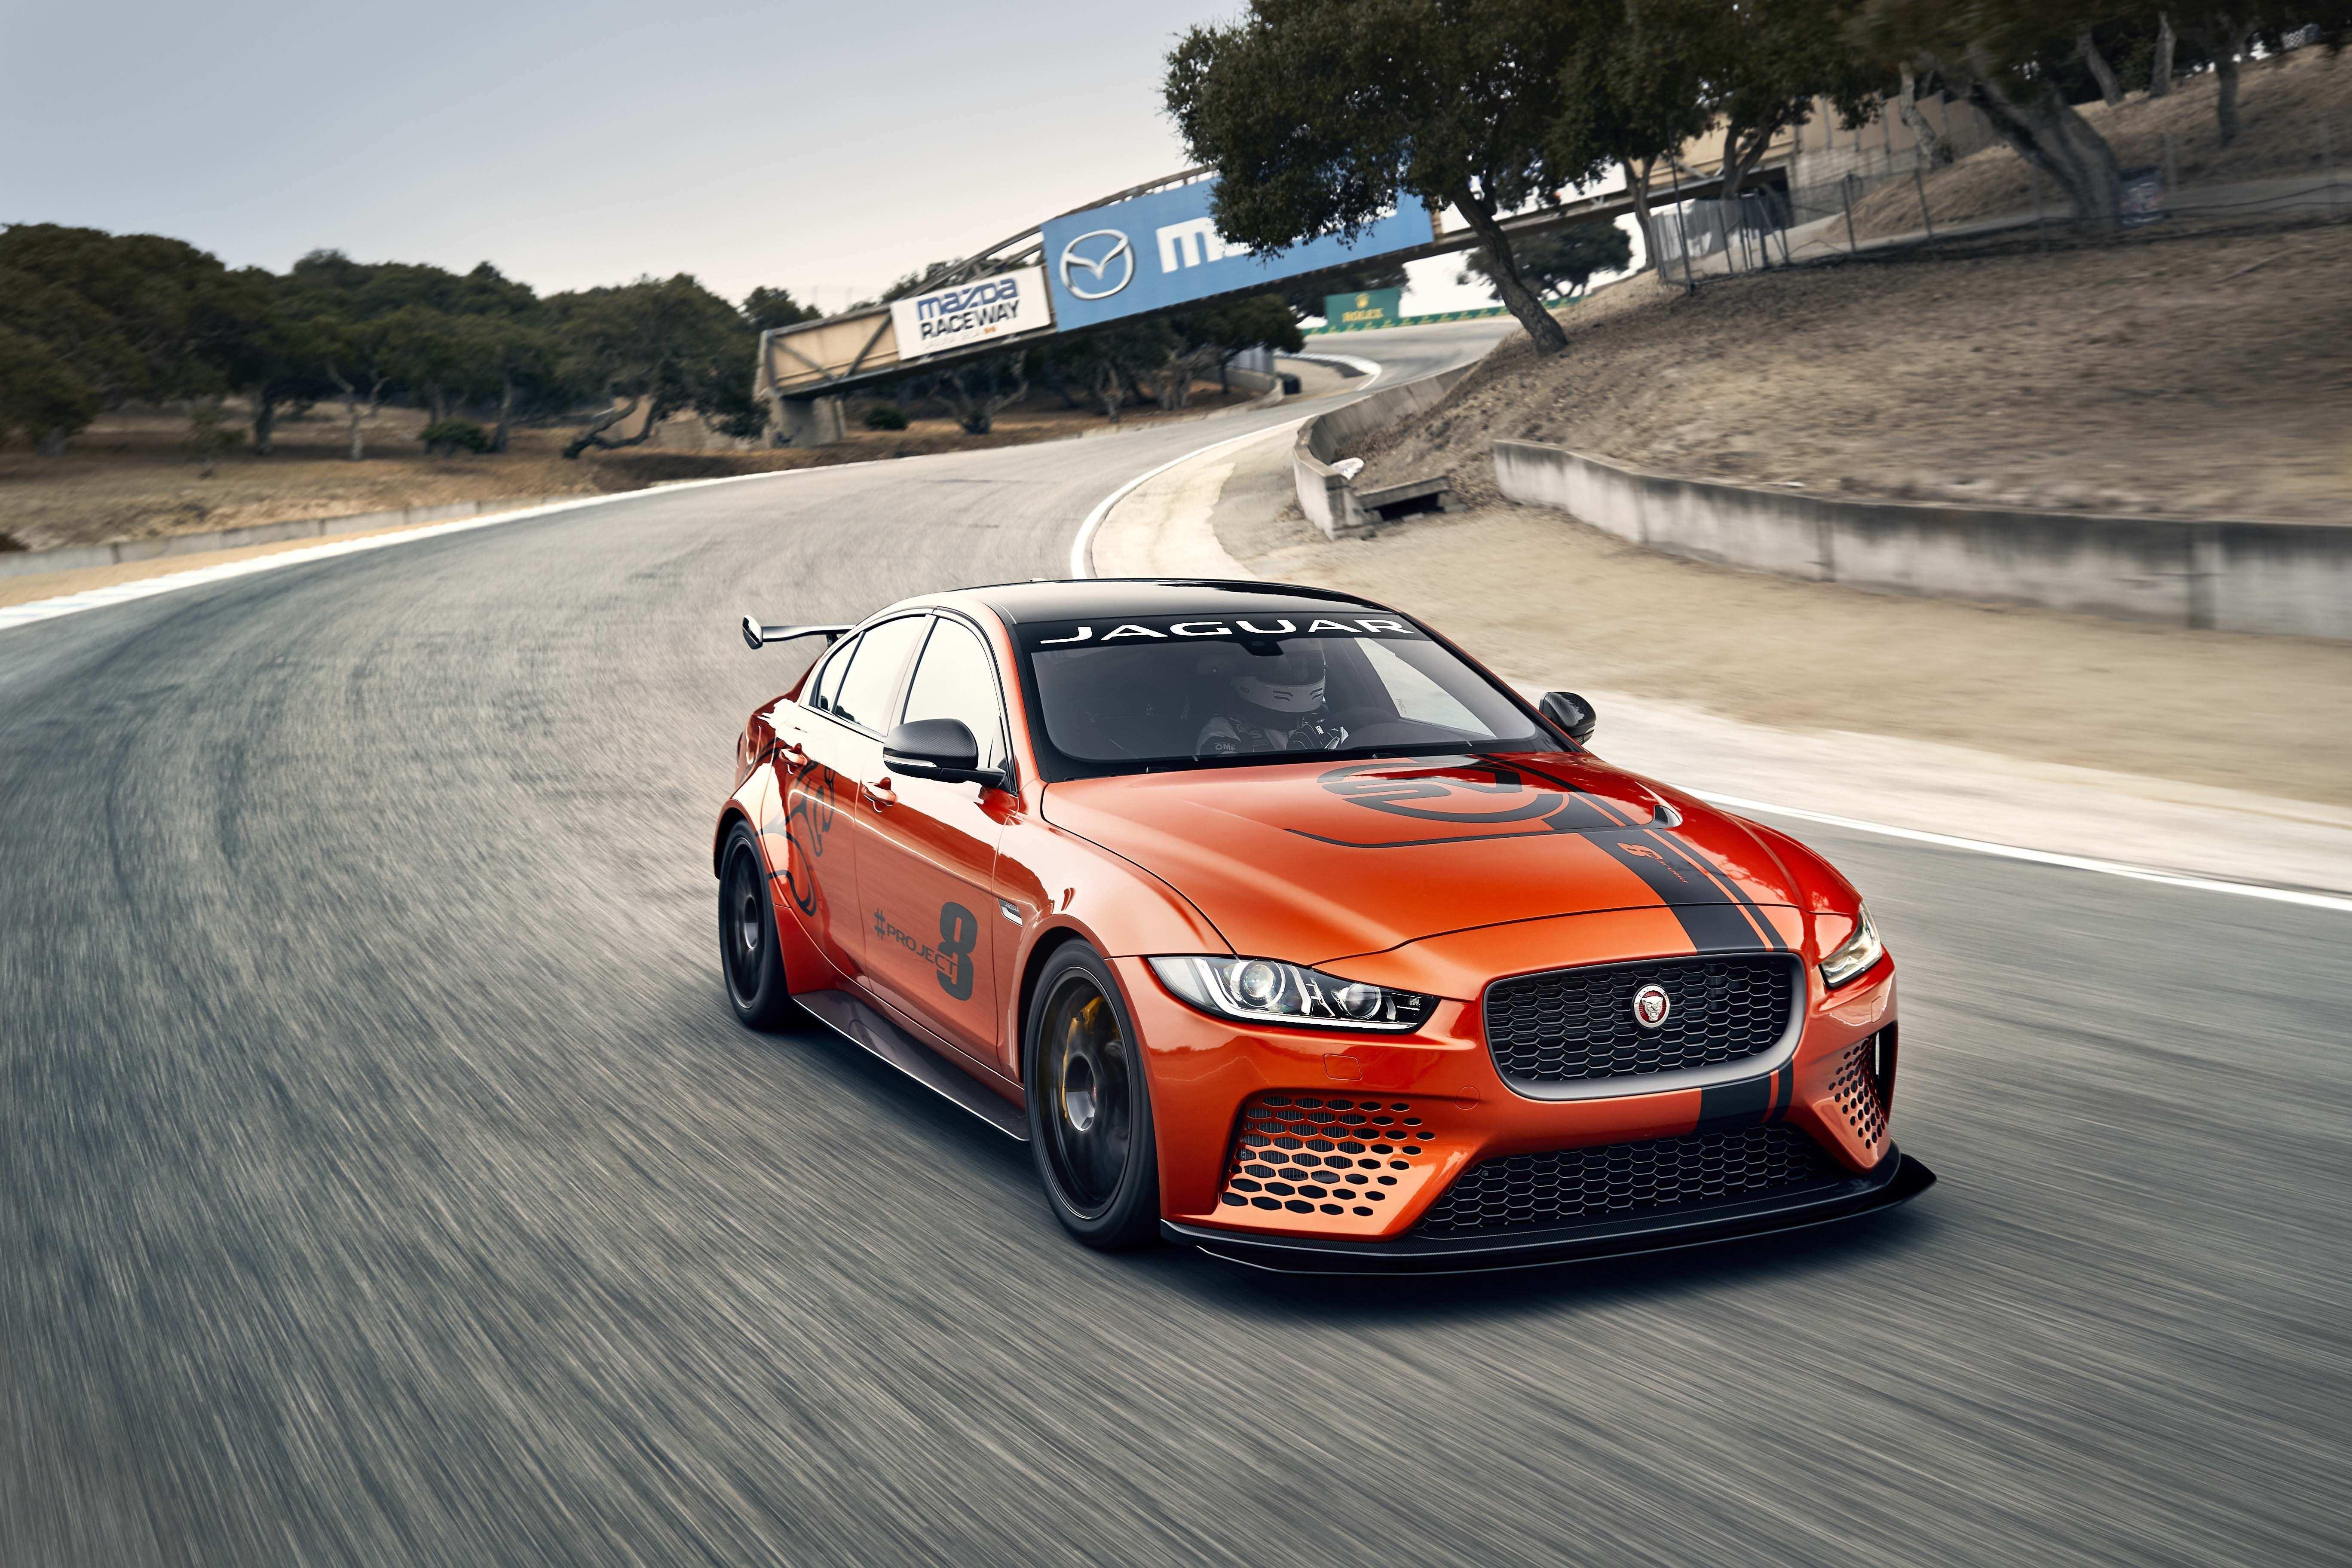 11 Great 2020 Jaguar Xe Sv Project 8 Prices for 2020 Jaguar Xe Sv Project 8